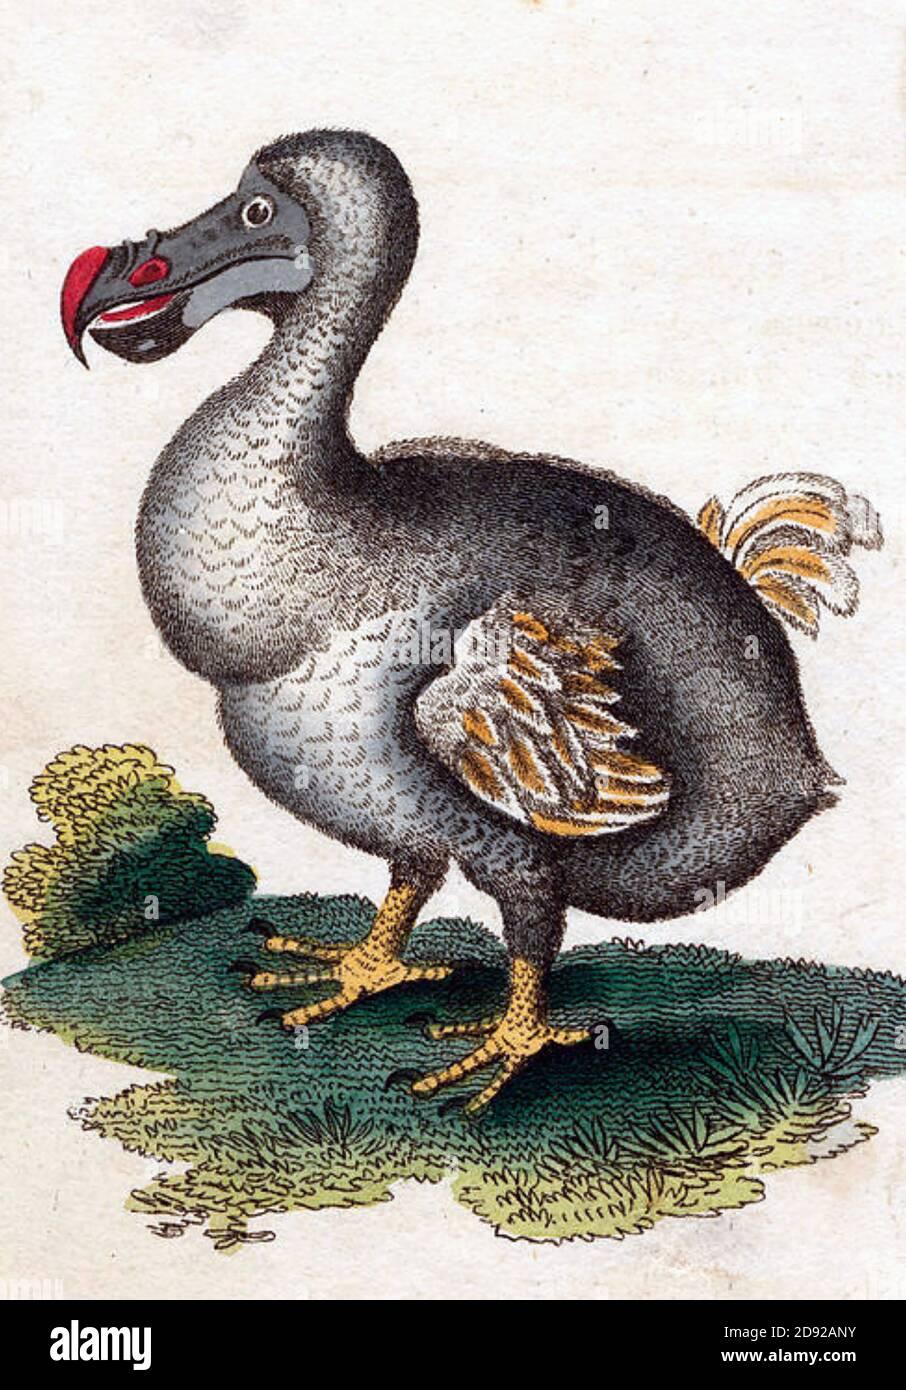 DODO Raphus cucullatus uccello senza luce in un'illustrazione del 1798 Foto Stock